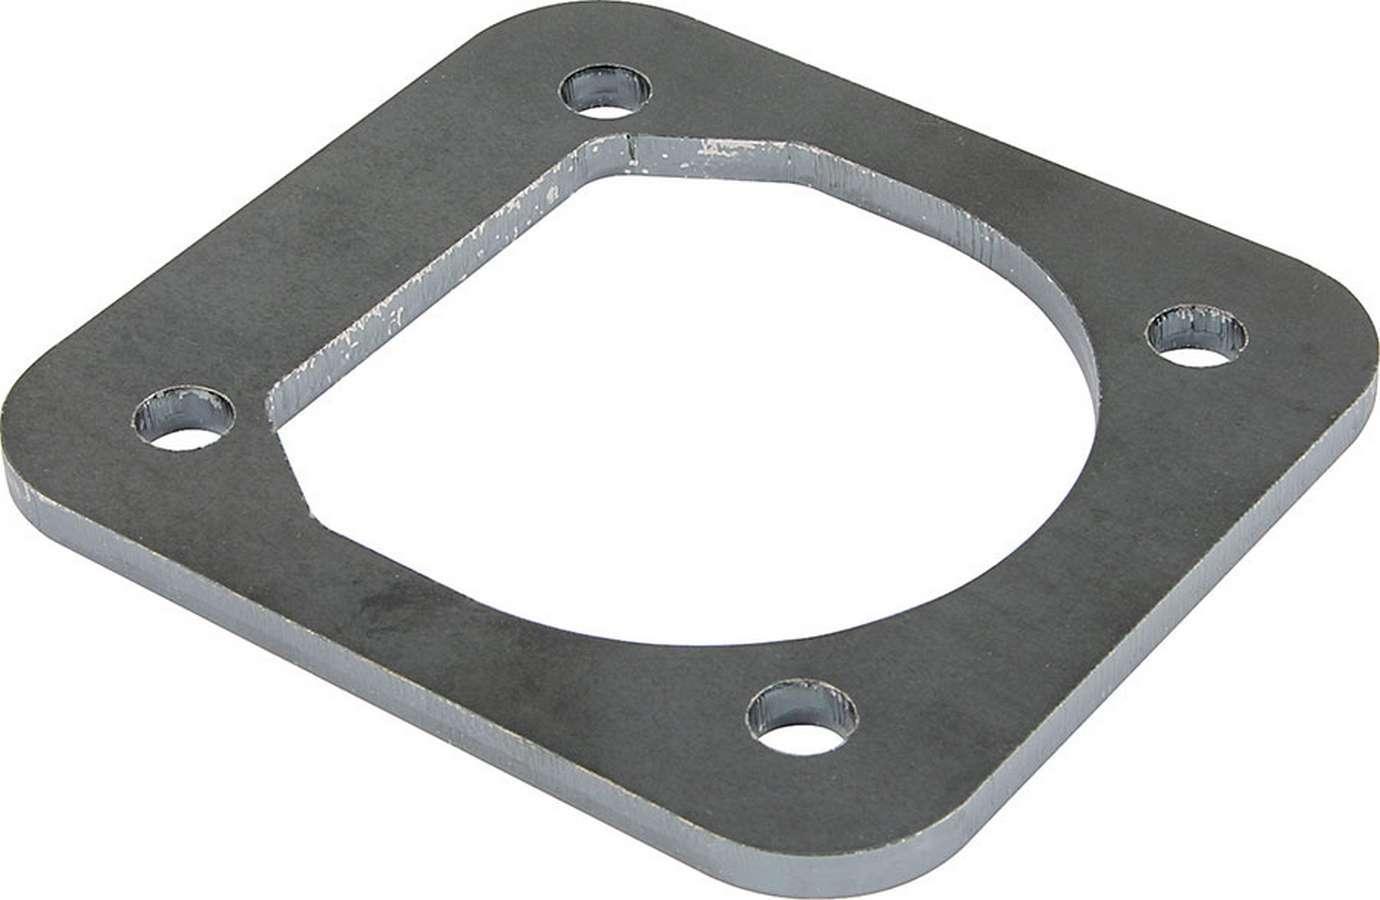 Allstar Performance D-Ring Backing Plate 10pk